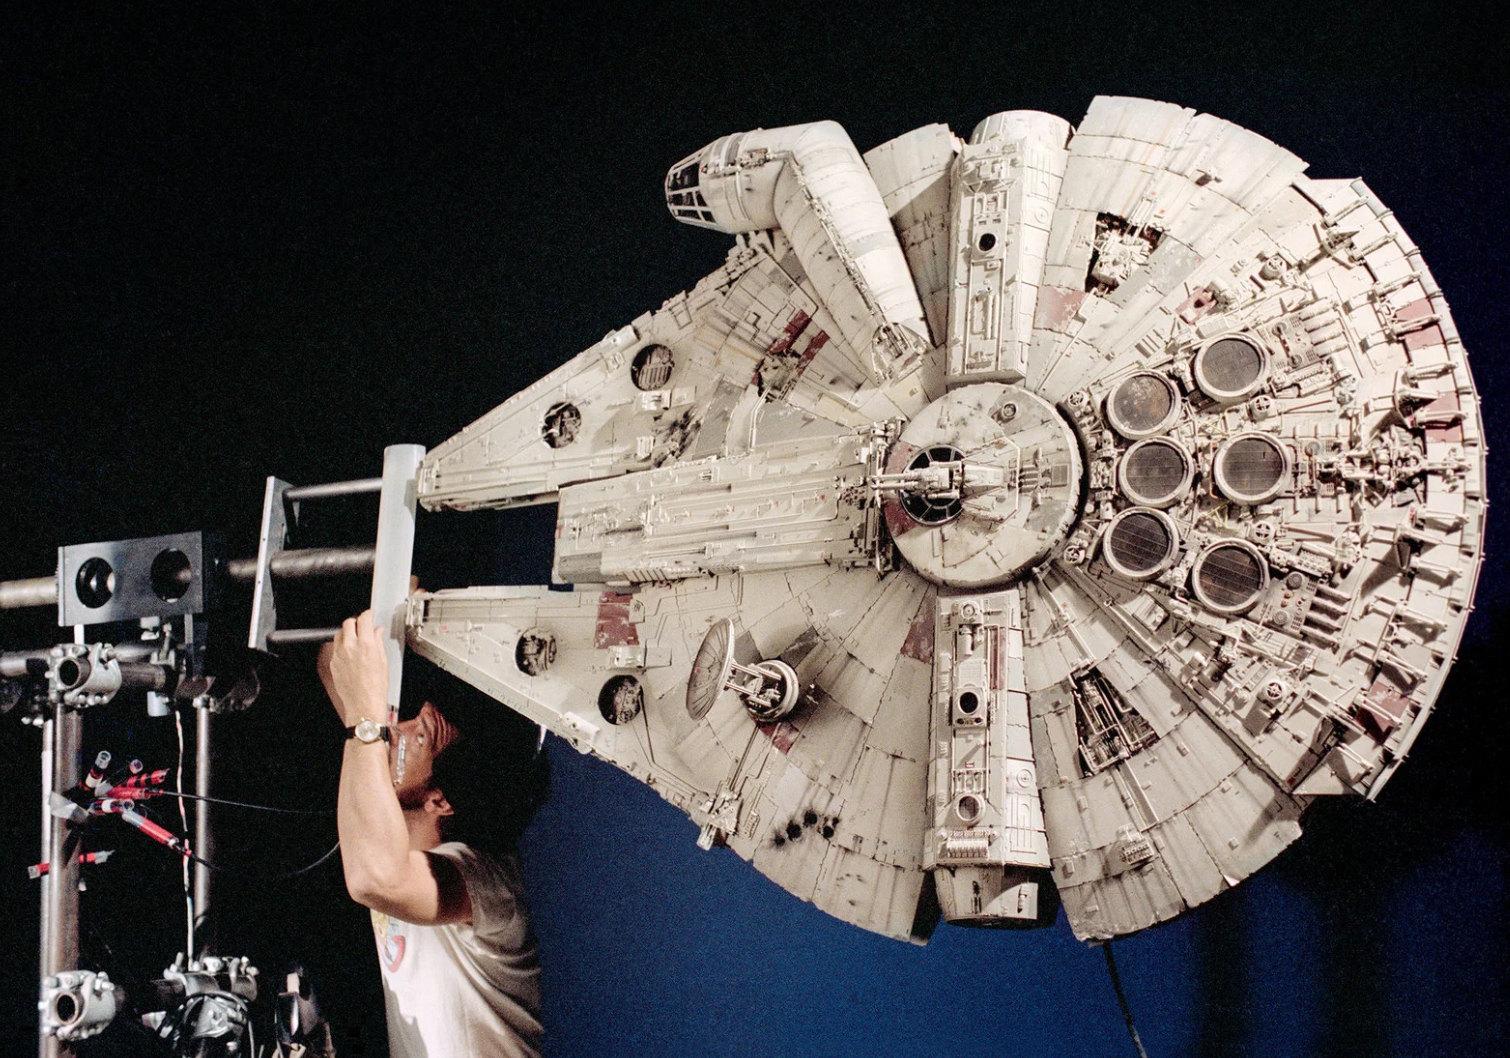 «Звездные войны» (1977): Ричард Эдлунд готовит модель «Тысячелетнего сокола» длясъемки камерой Dykstraflex. Вот что рассказывает создатель модели Лорн Петерсон: Нам нужно было привести кабину вдвижение — сделать так, чтобы она поворачивалась на90 градусов. Лукасу пришла вголову идея, что корабль будет двигаться как луна-рыба, приземляться ровно, но привзлете конструкция будет вращаться, а кабина останется неподвижной».